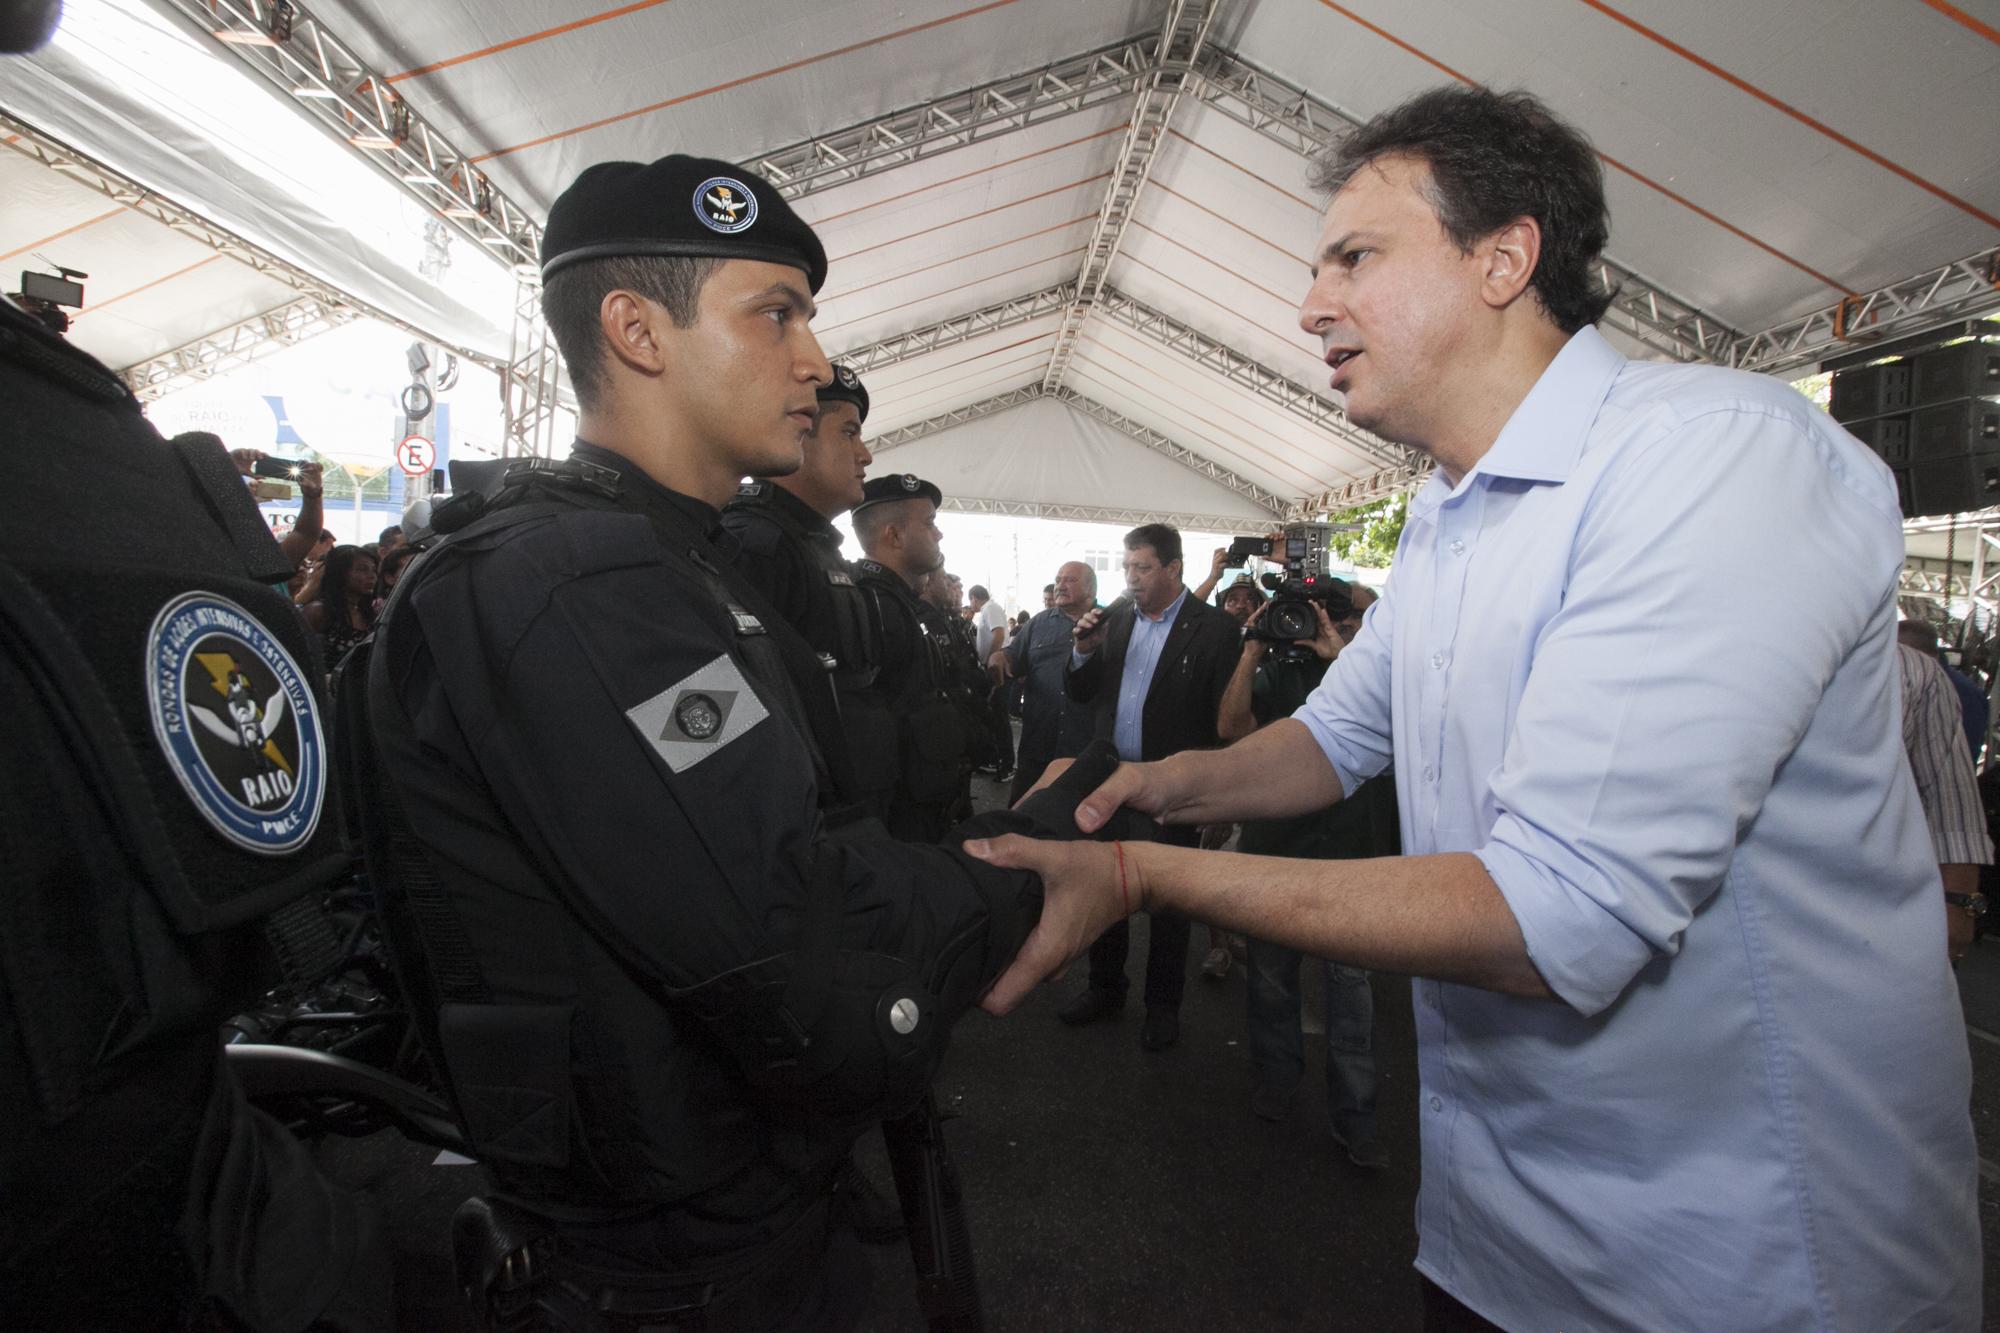 Messejana recebeu apresentação dos 104 novos policiais do BPRaio exclusivos para Fortaleza. Ainda na manhã deste sabado (28), o governador Camilo Santana reativou a Vila de Esporte e Lazer do bairro